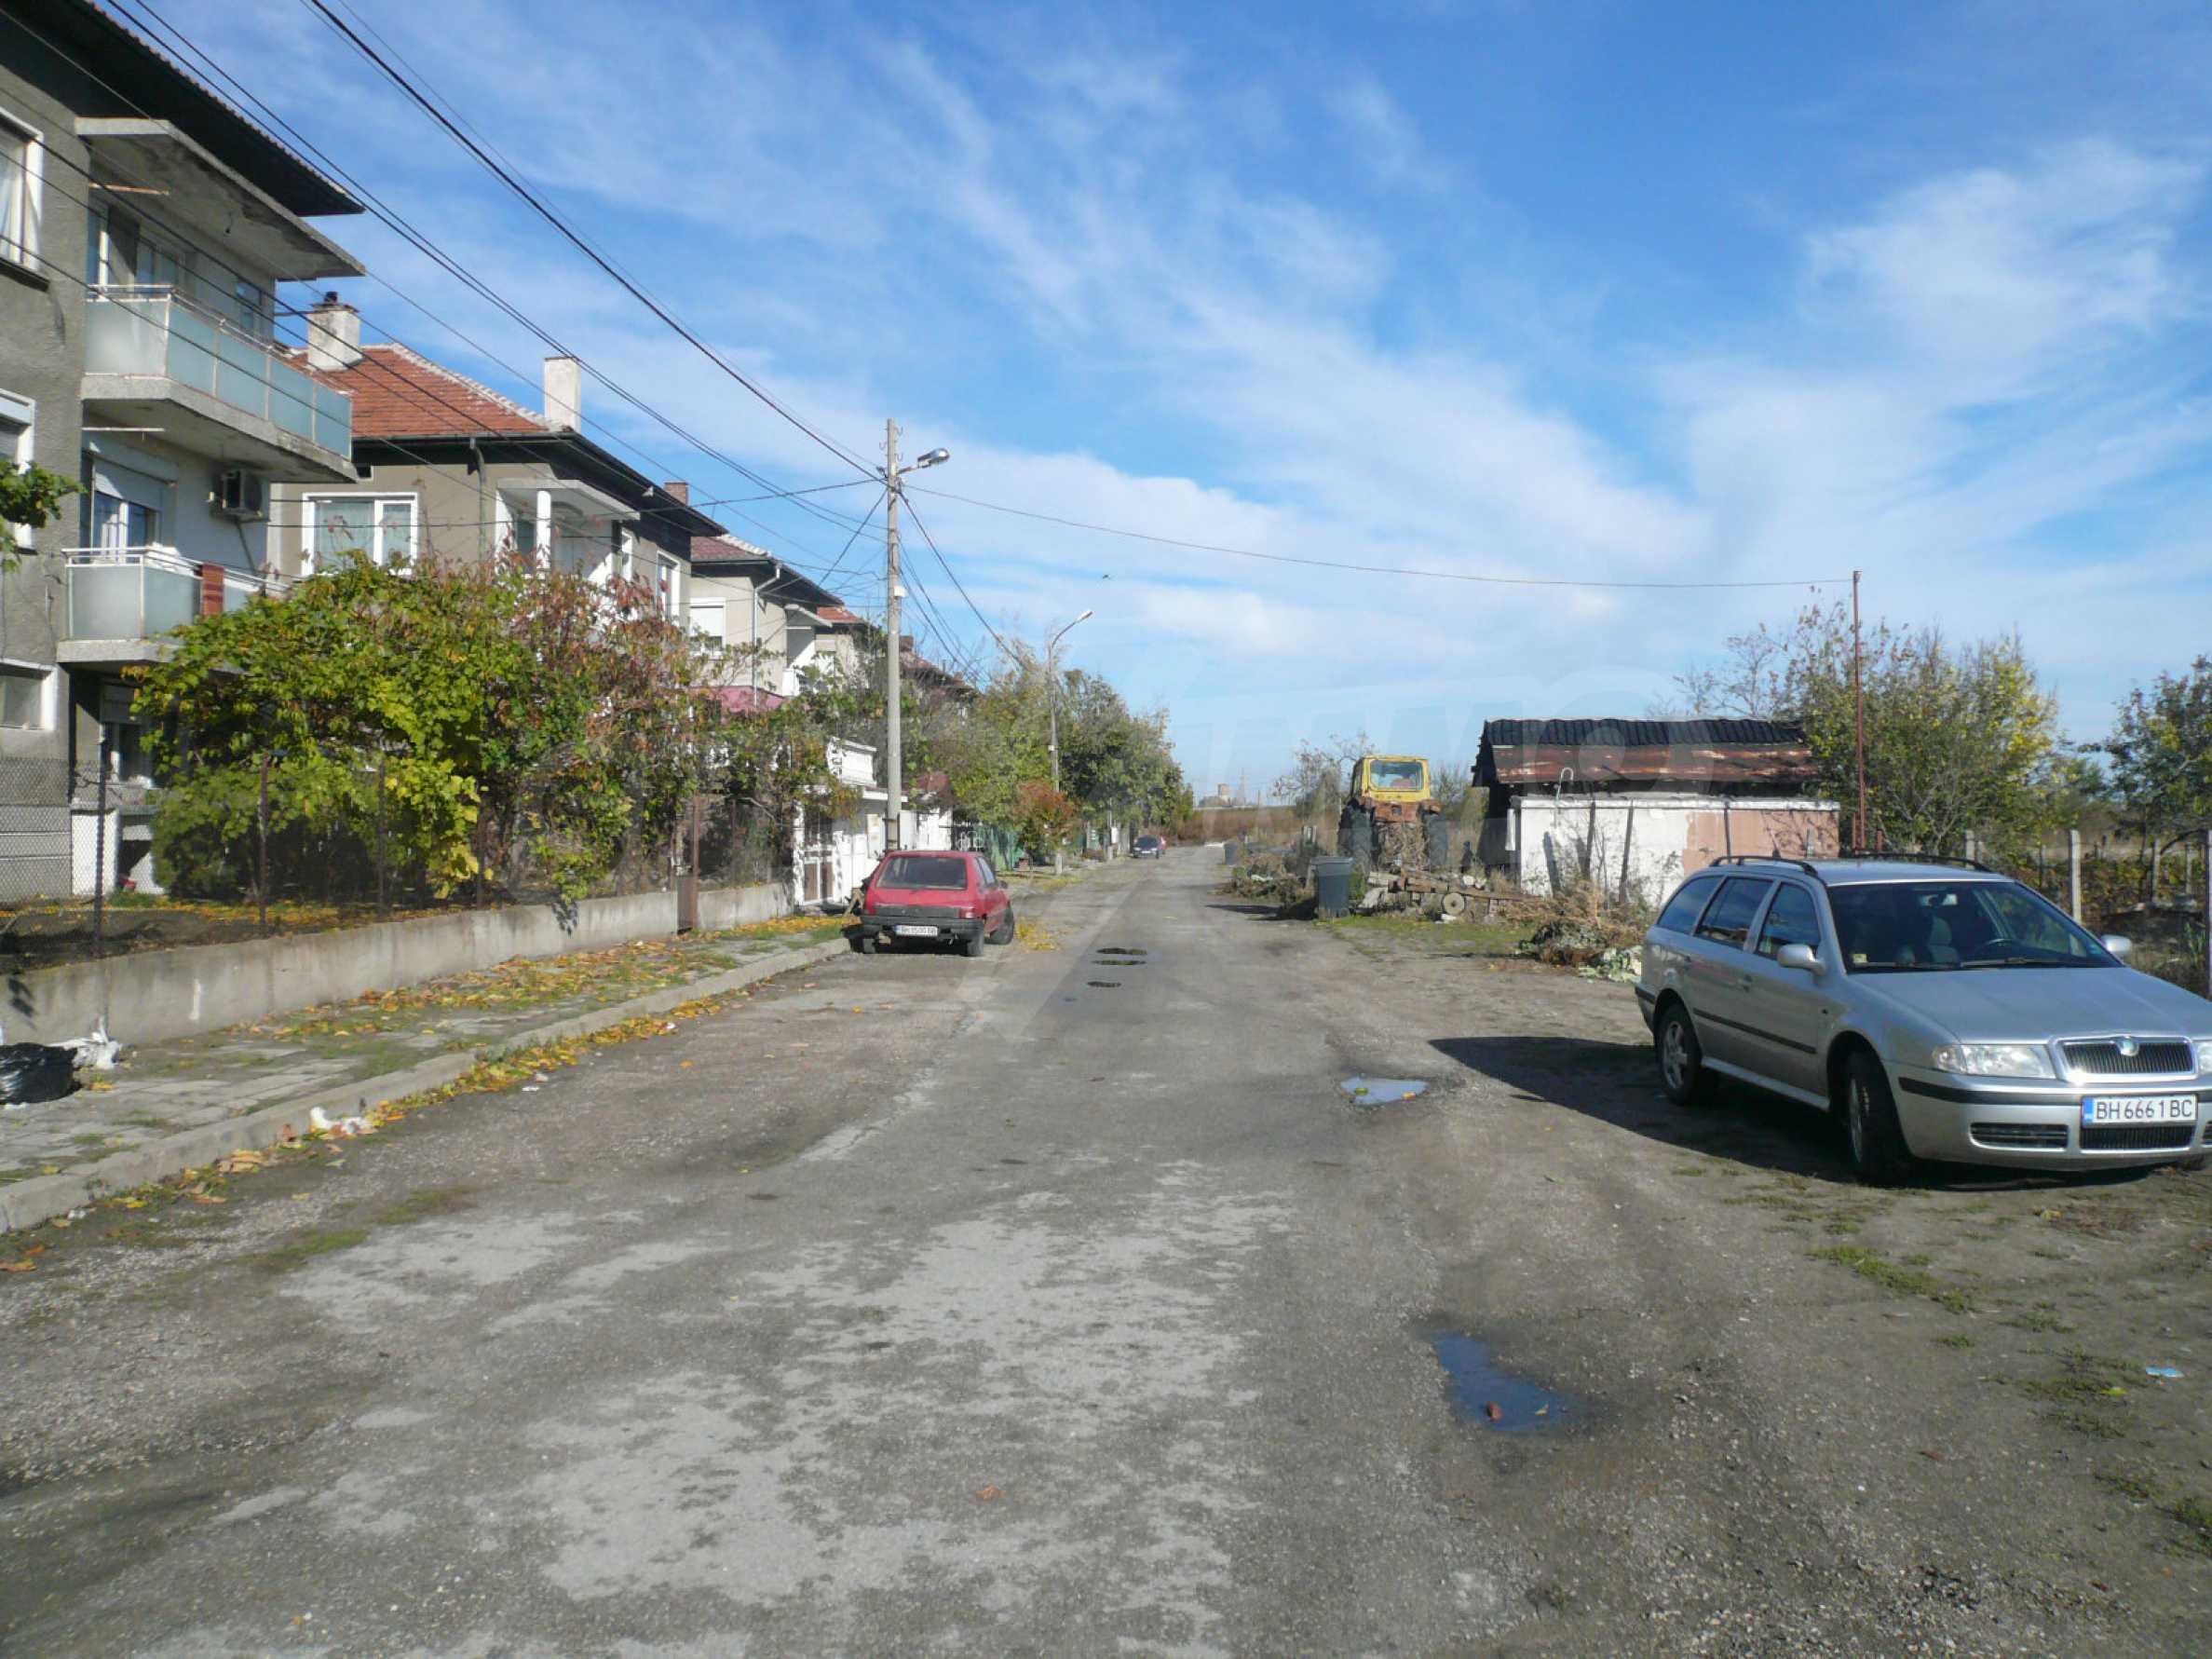 Großes reguliertes Grundstück für die Entwicklung von Einfamilienhäusern in Vidin 4